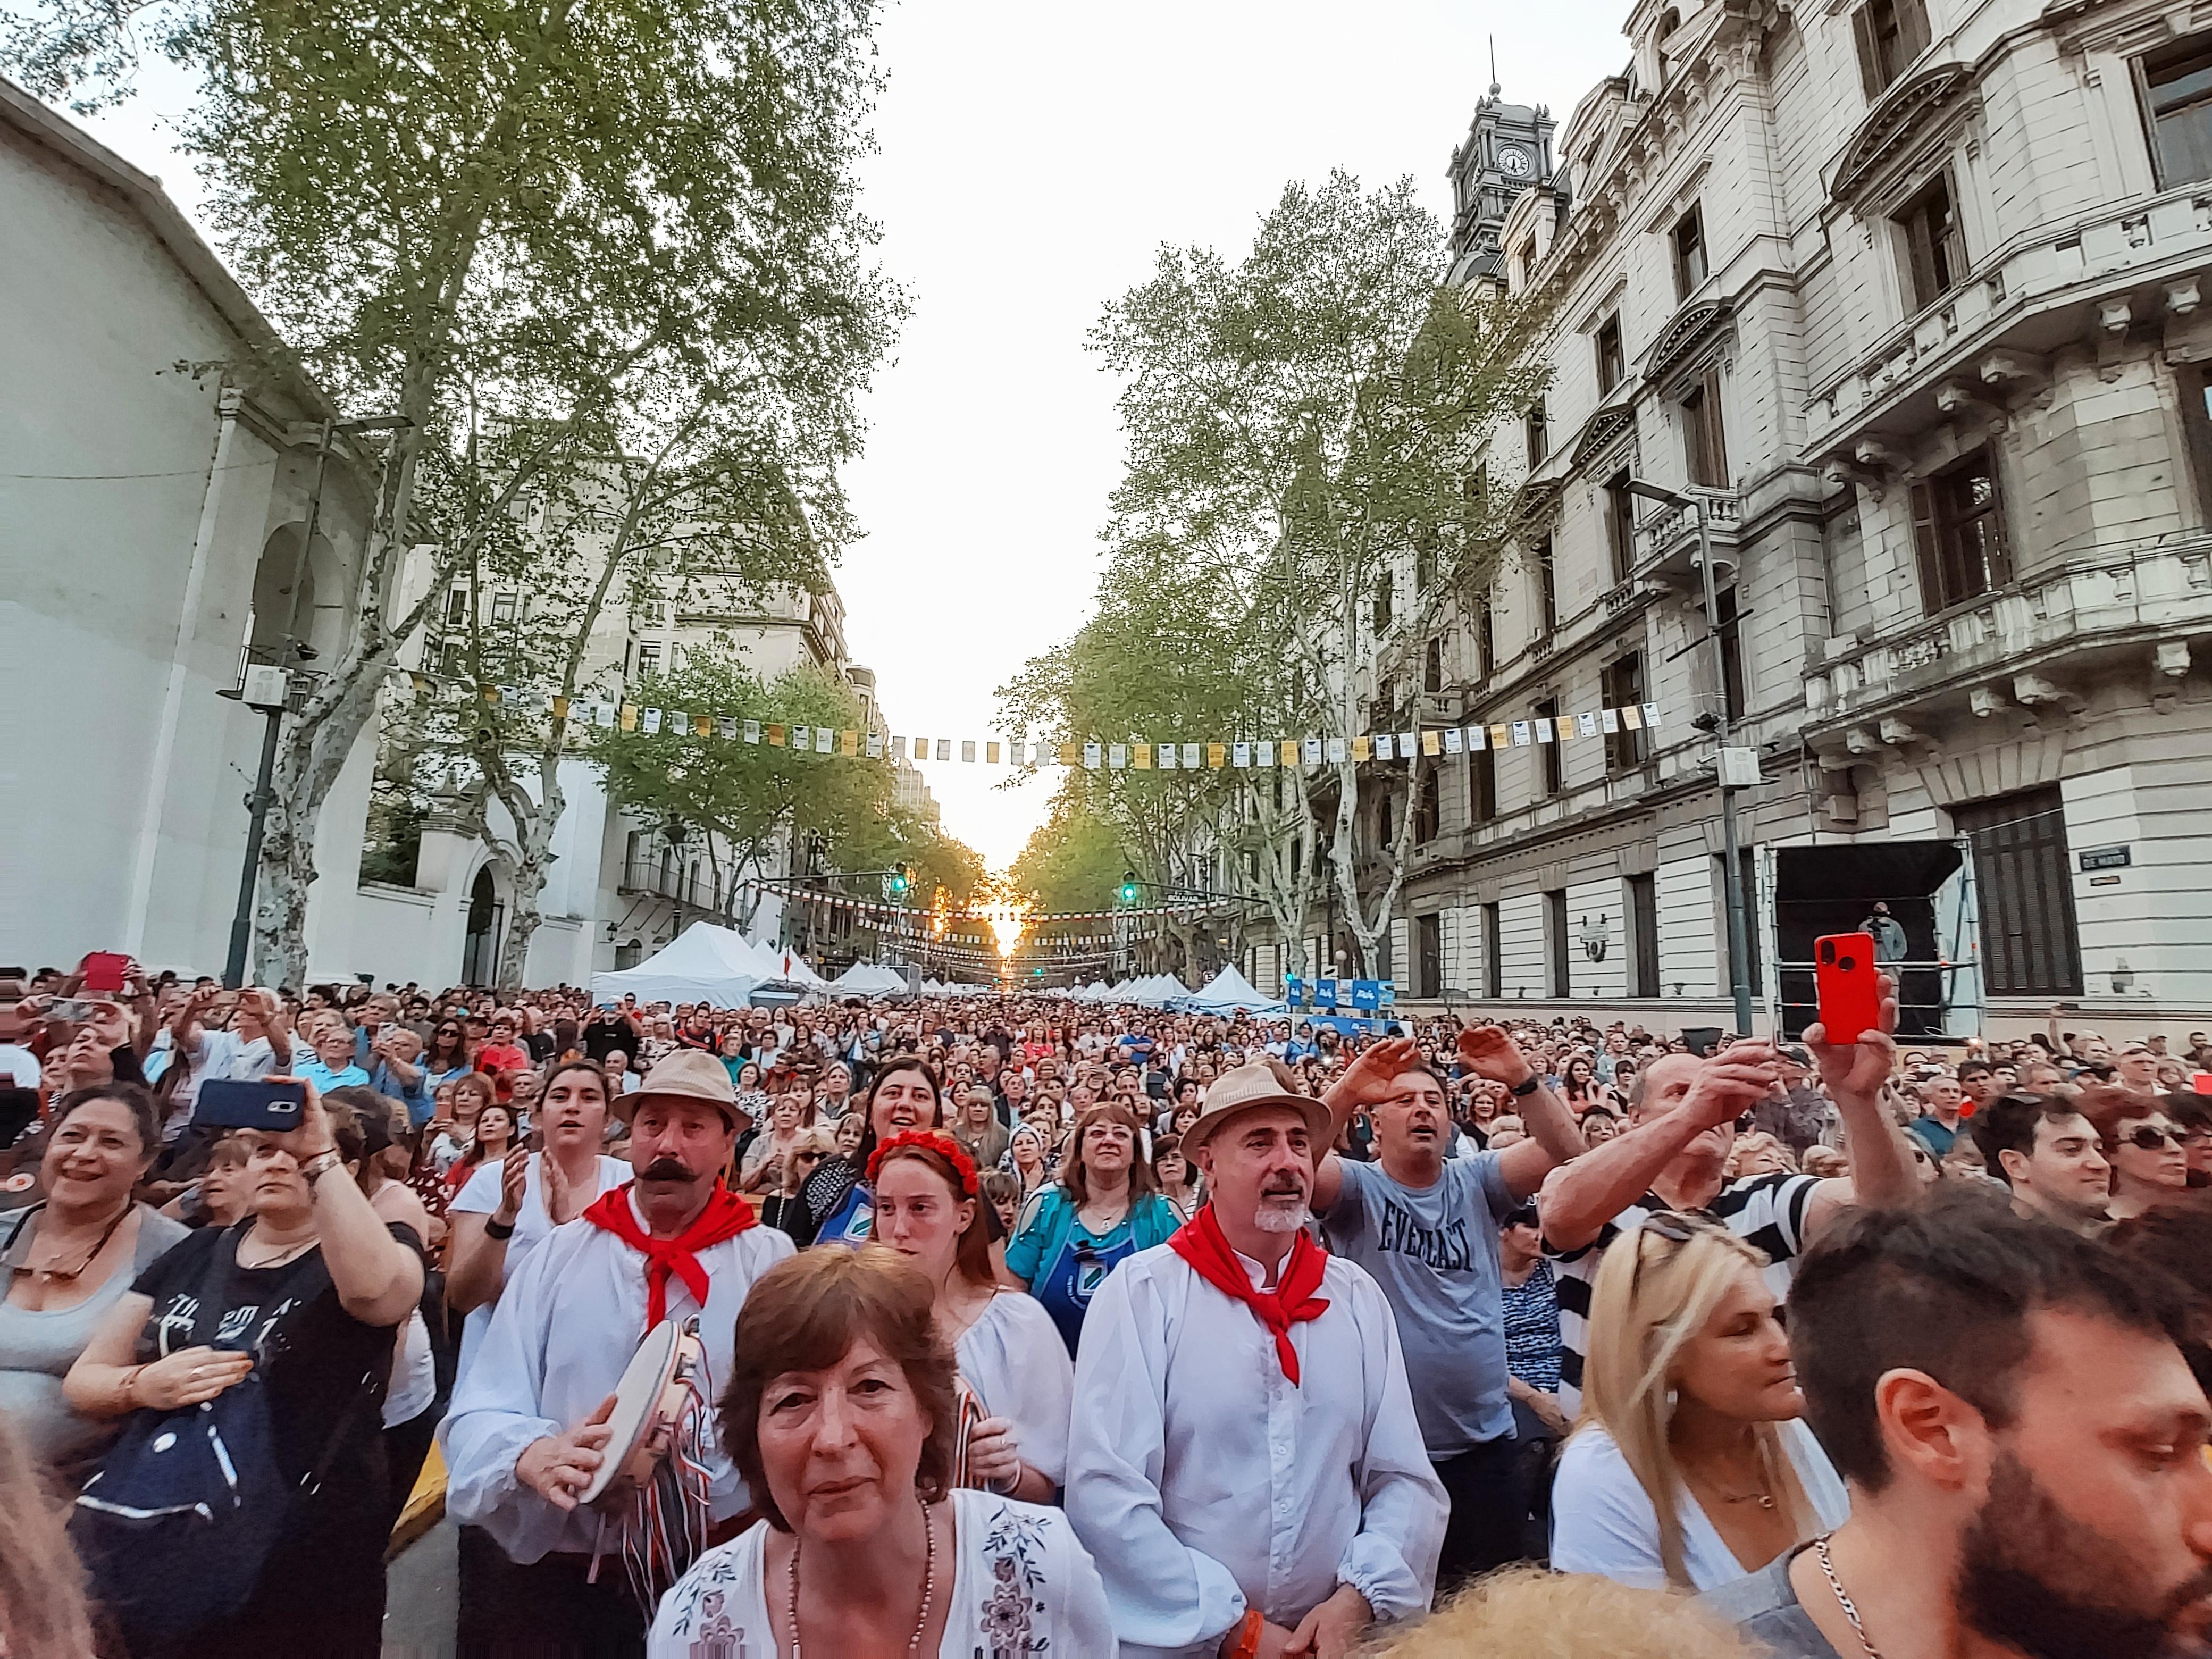 Fiesta Italiana - Público